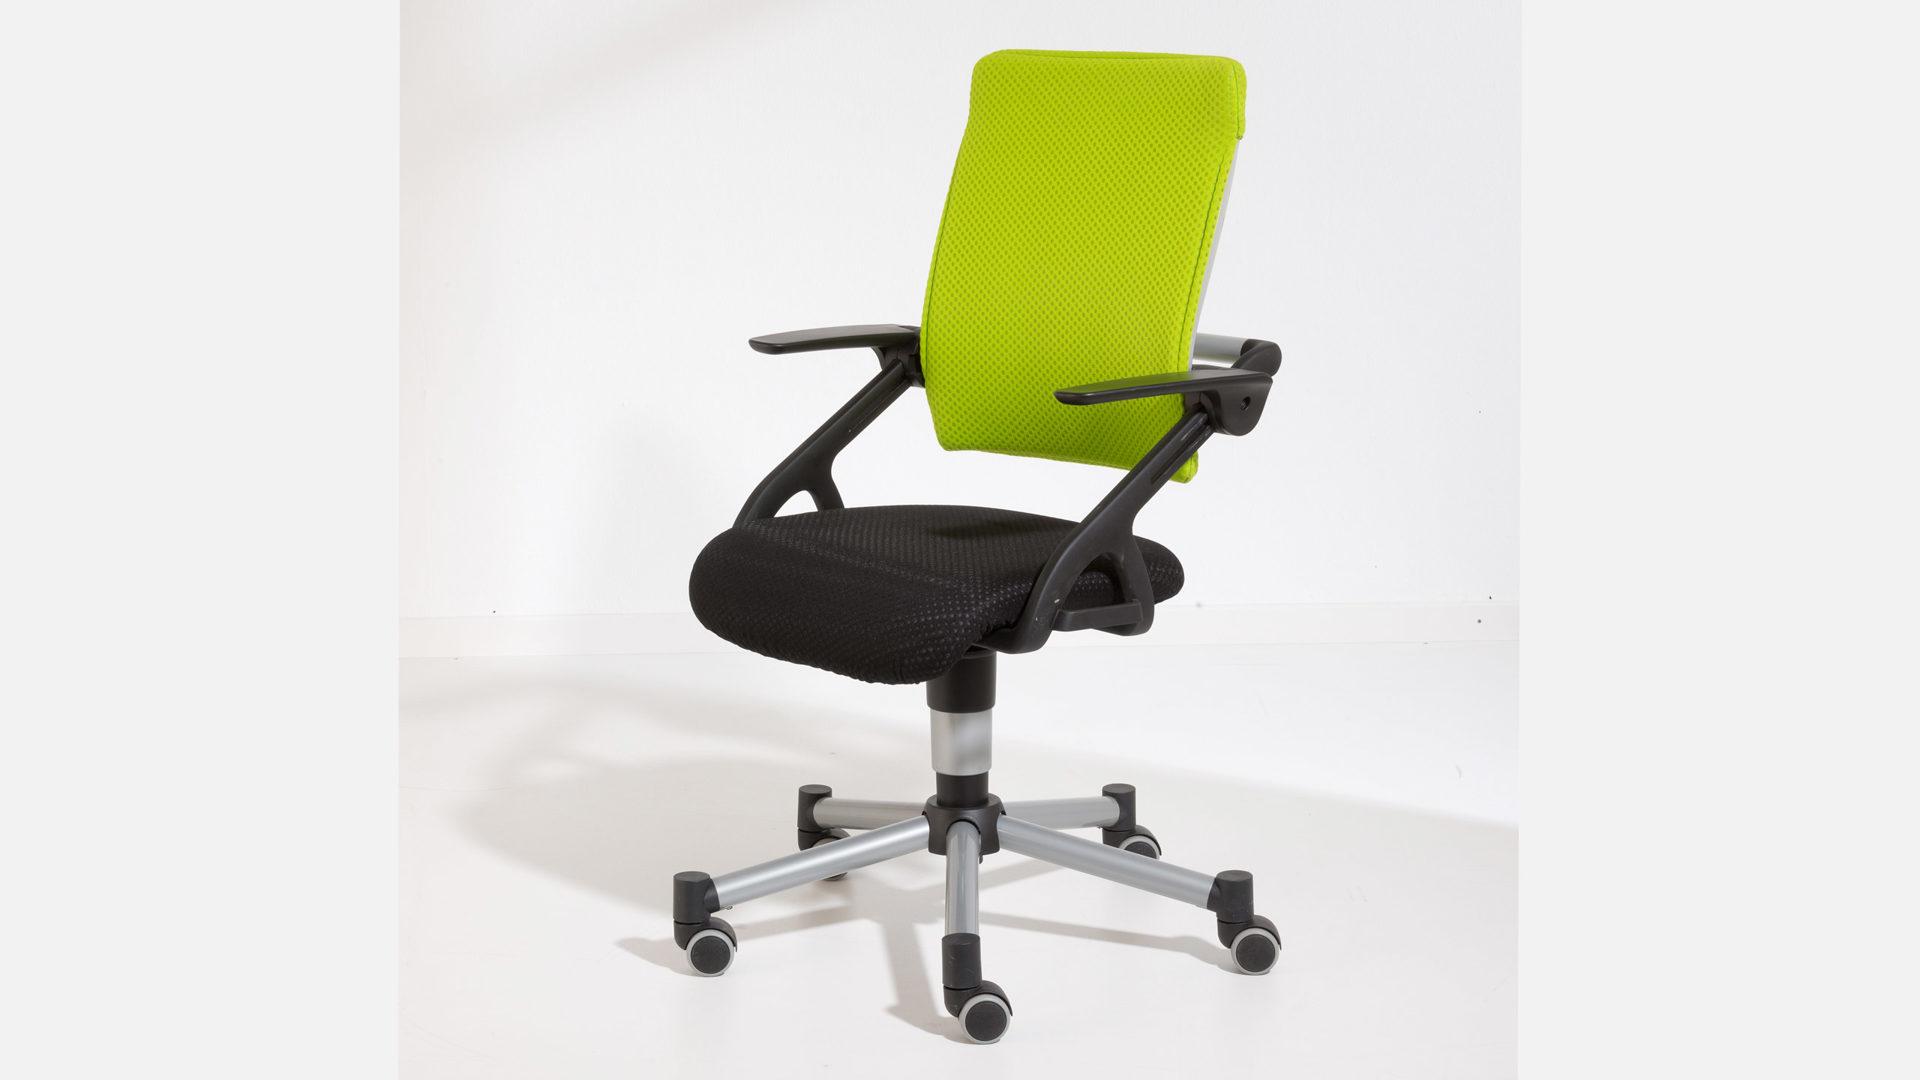 Paidi Schreibtischstuhl Drehstuhl Tio Schwarz Limette Bad